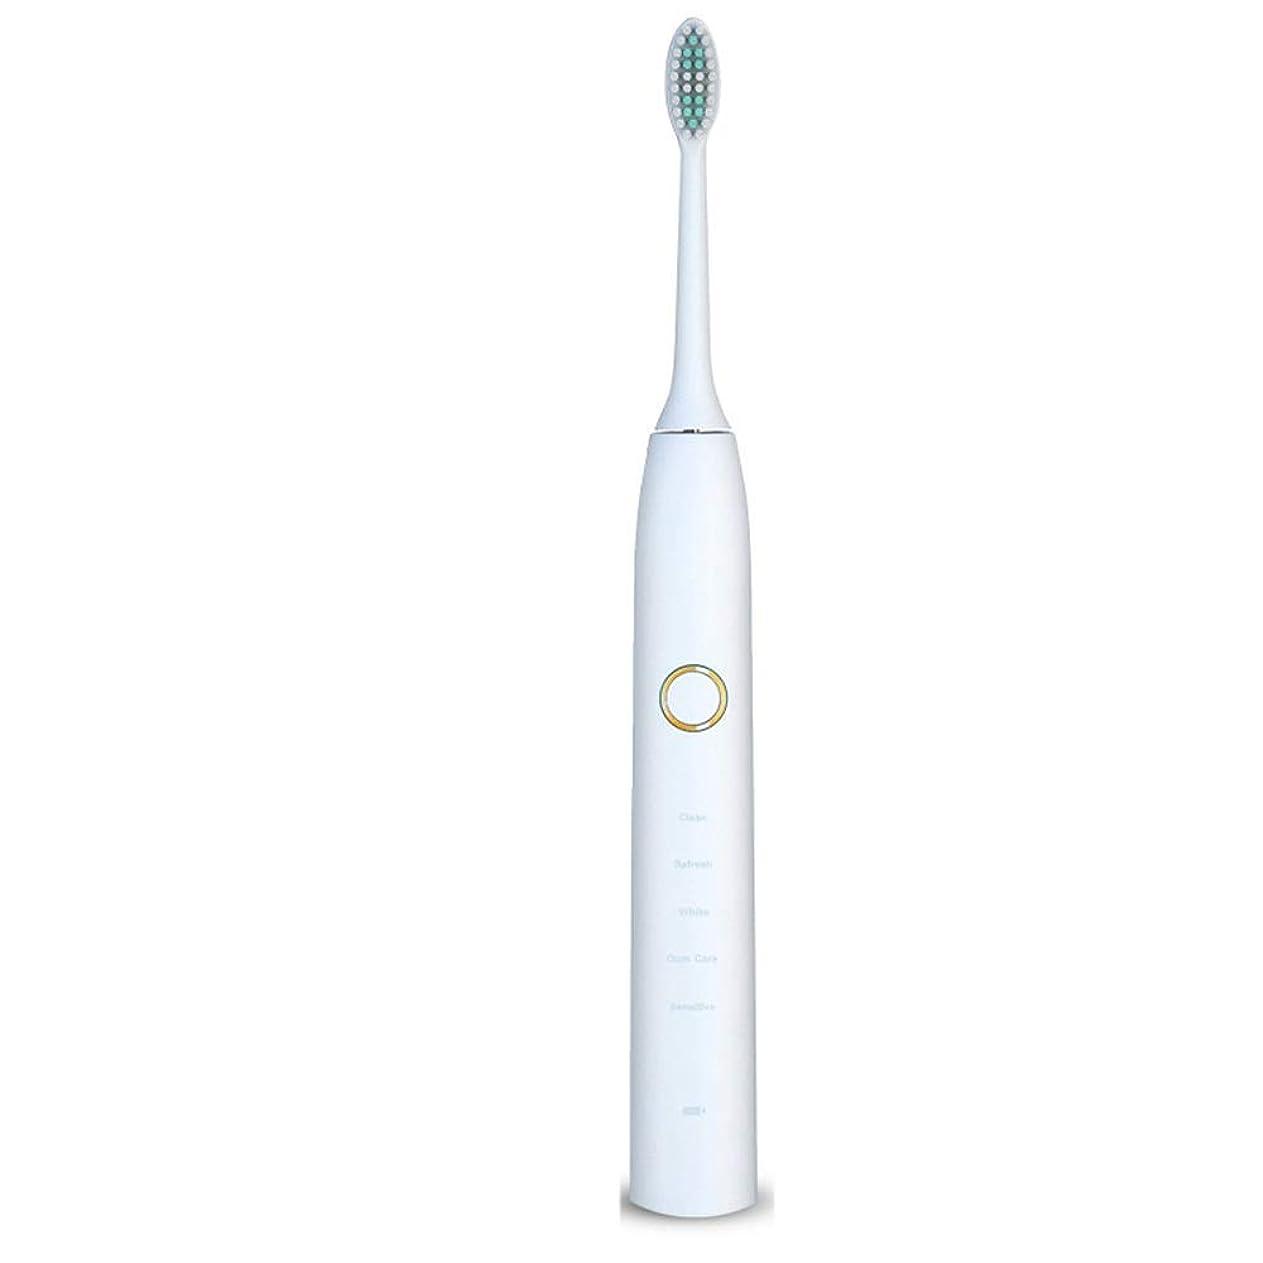 復活地球ネコ電動歯ブラシ 電動歯ブラシUSB充電式ソフトヘア保護クリーンホワイトニング歯ブラシ ケアー プロテクトクリーン (色 : 白, サイズ : Free size)